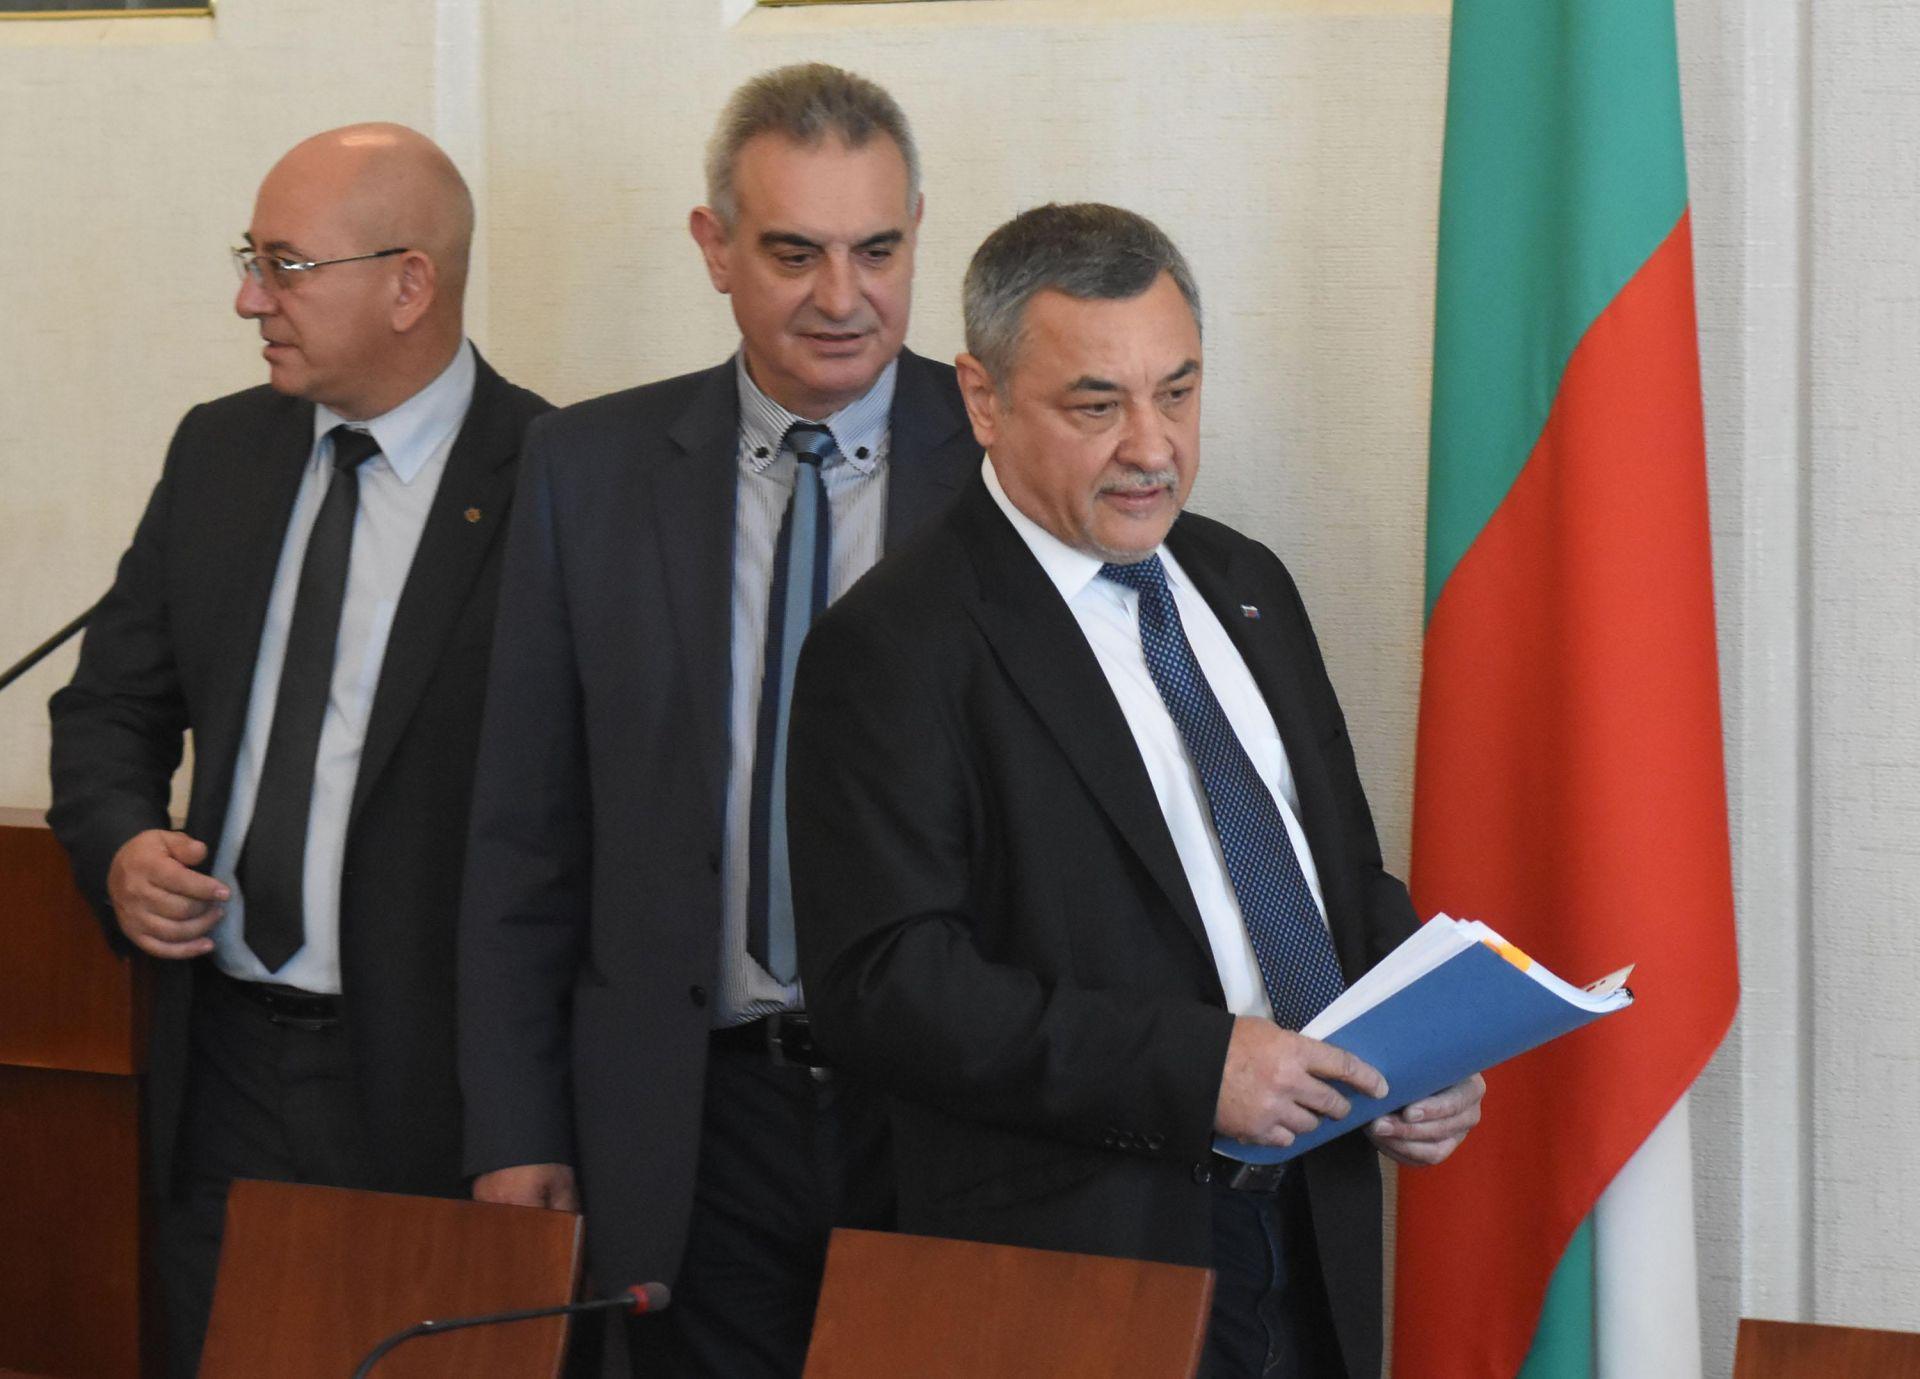 Валери Симеонов, Валентин Касабов и Емил Димитров-Ревизо (вляво)